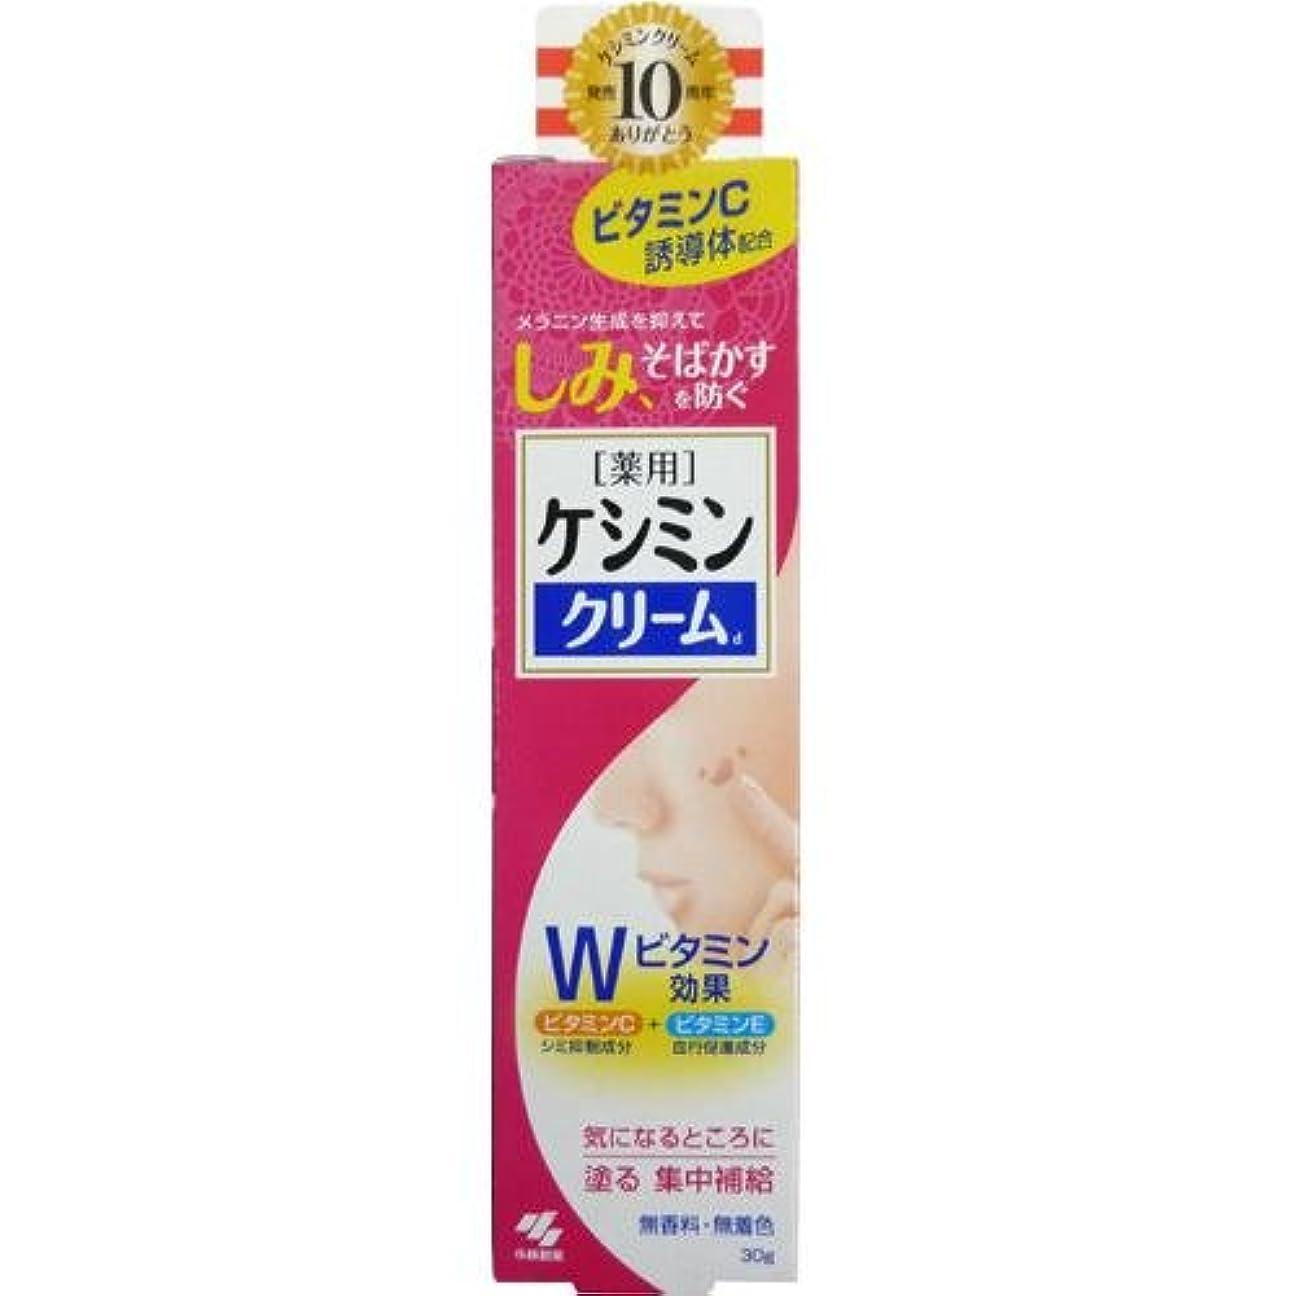 切断するぶどう背の高いケシミンクリームd × 10個セット